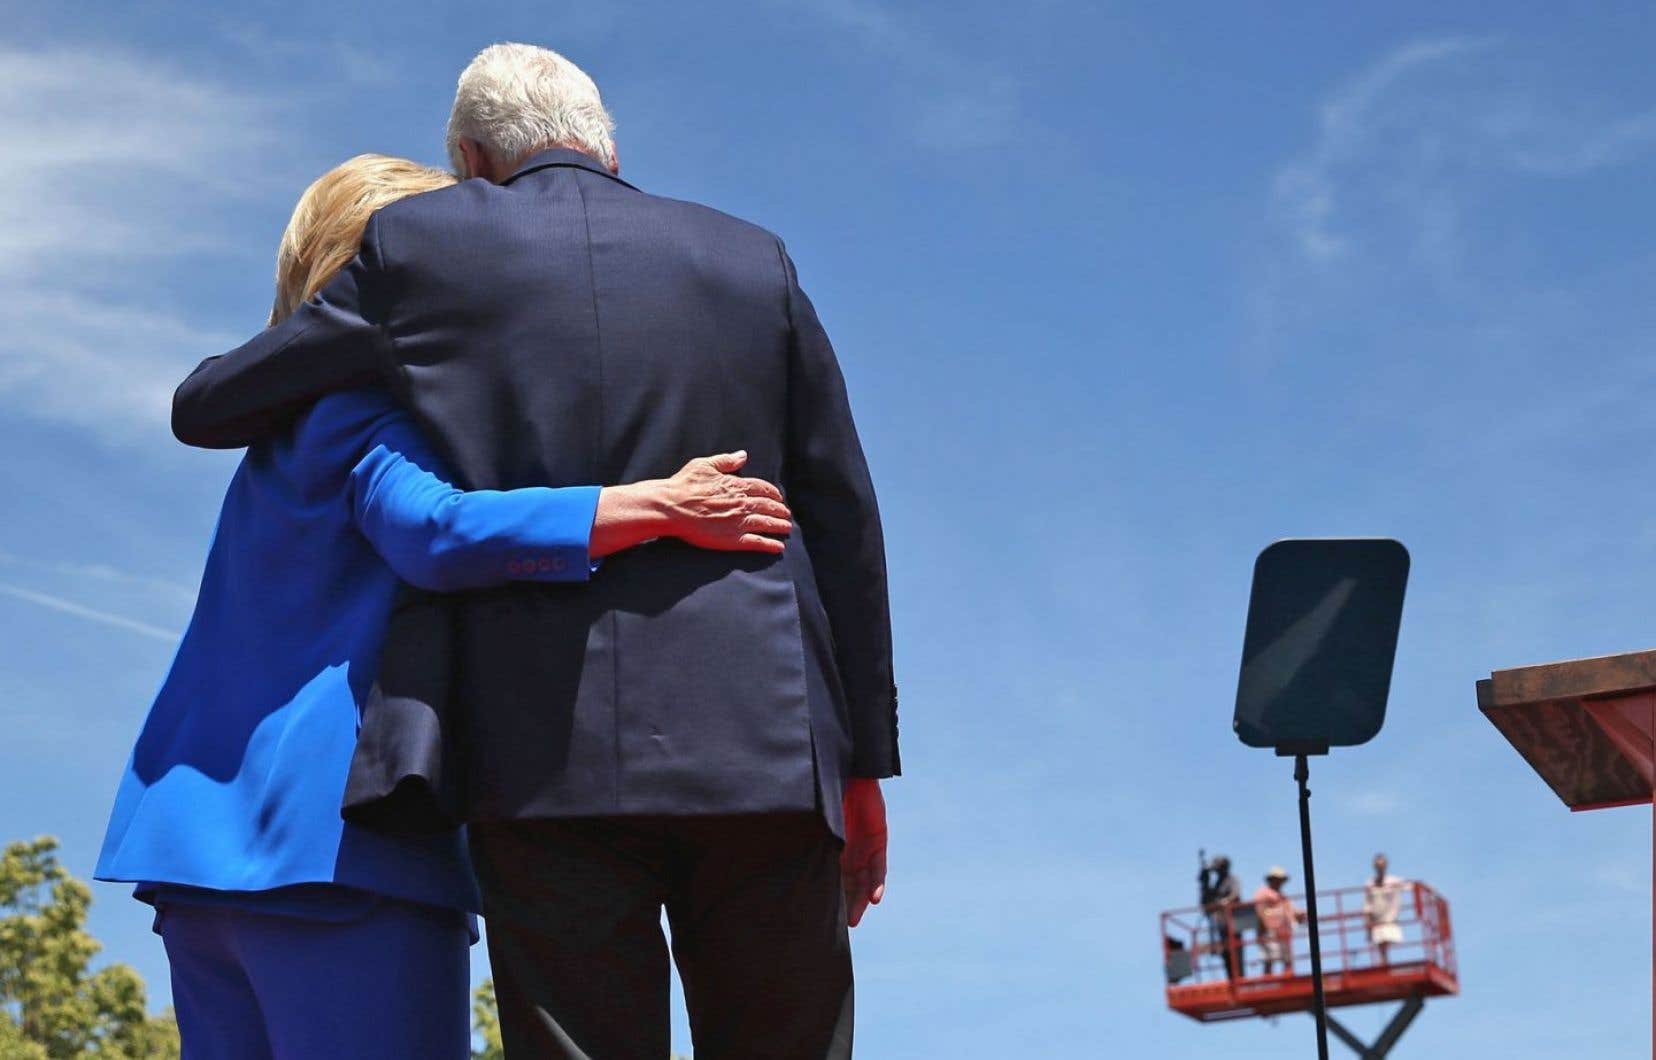 Hillary Clinton, Anne Sinclair et Melania Trump ont témoigné par leur présence de la probité de leur célèbre époux, Bill Clinton, Dominique Strauss-Kahn et Donald Trump.